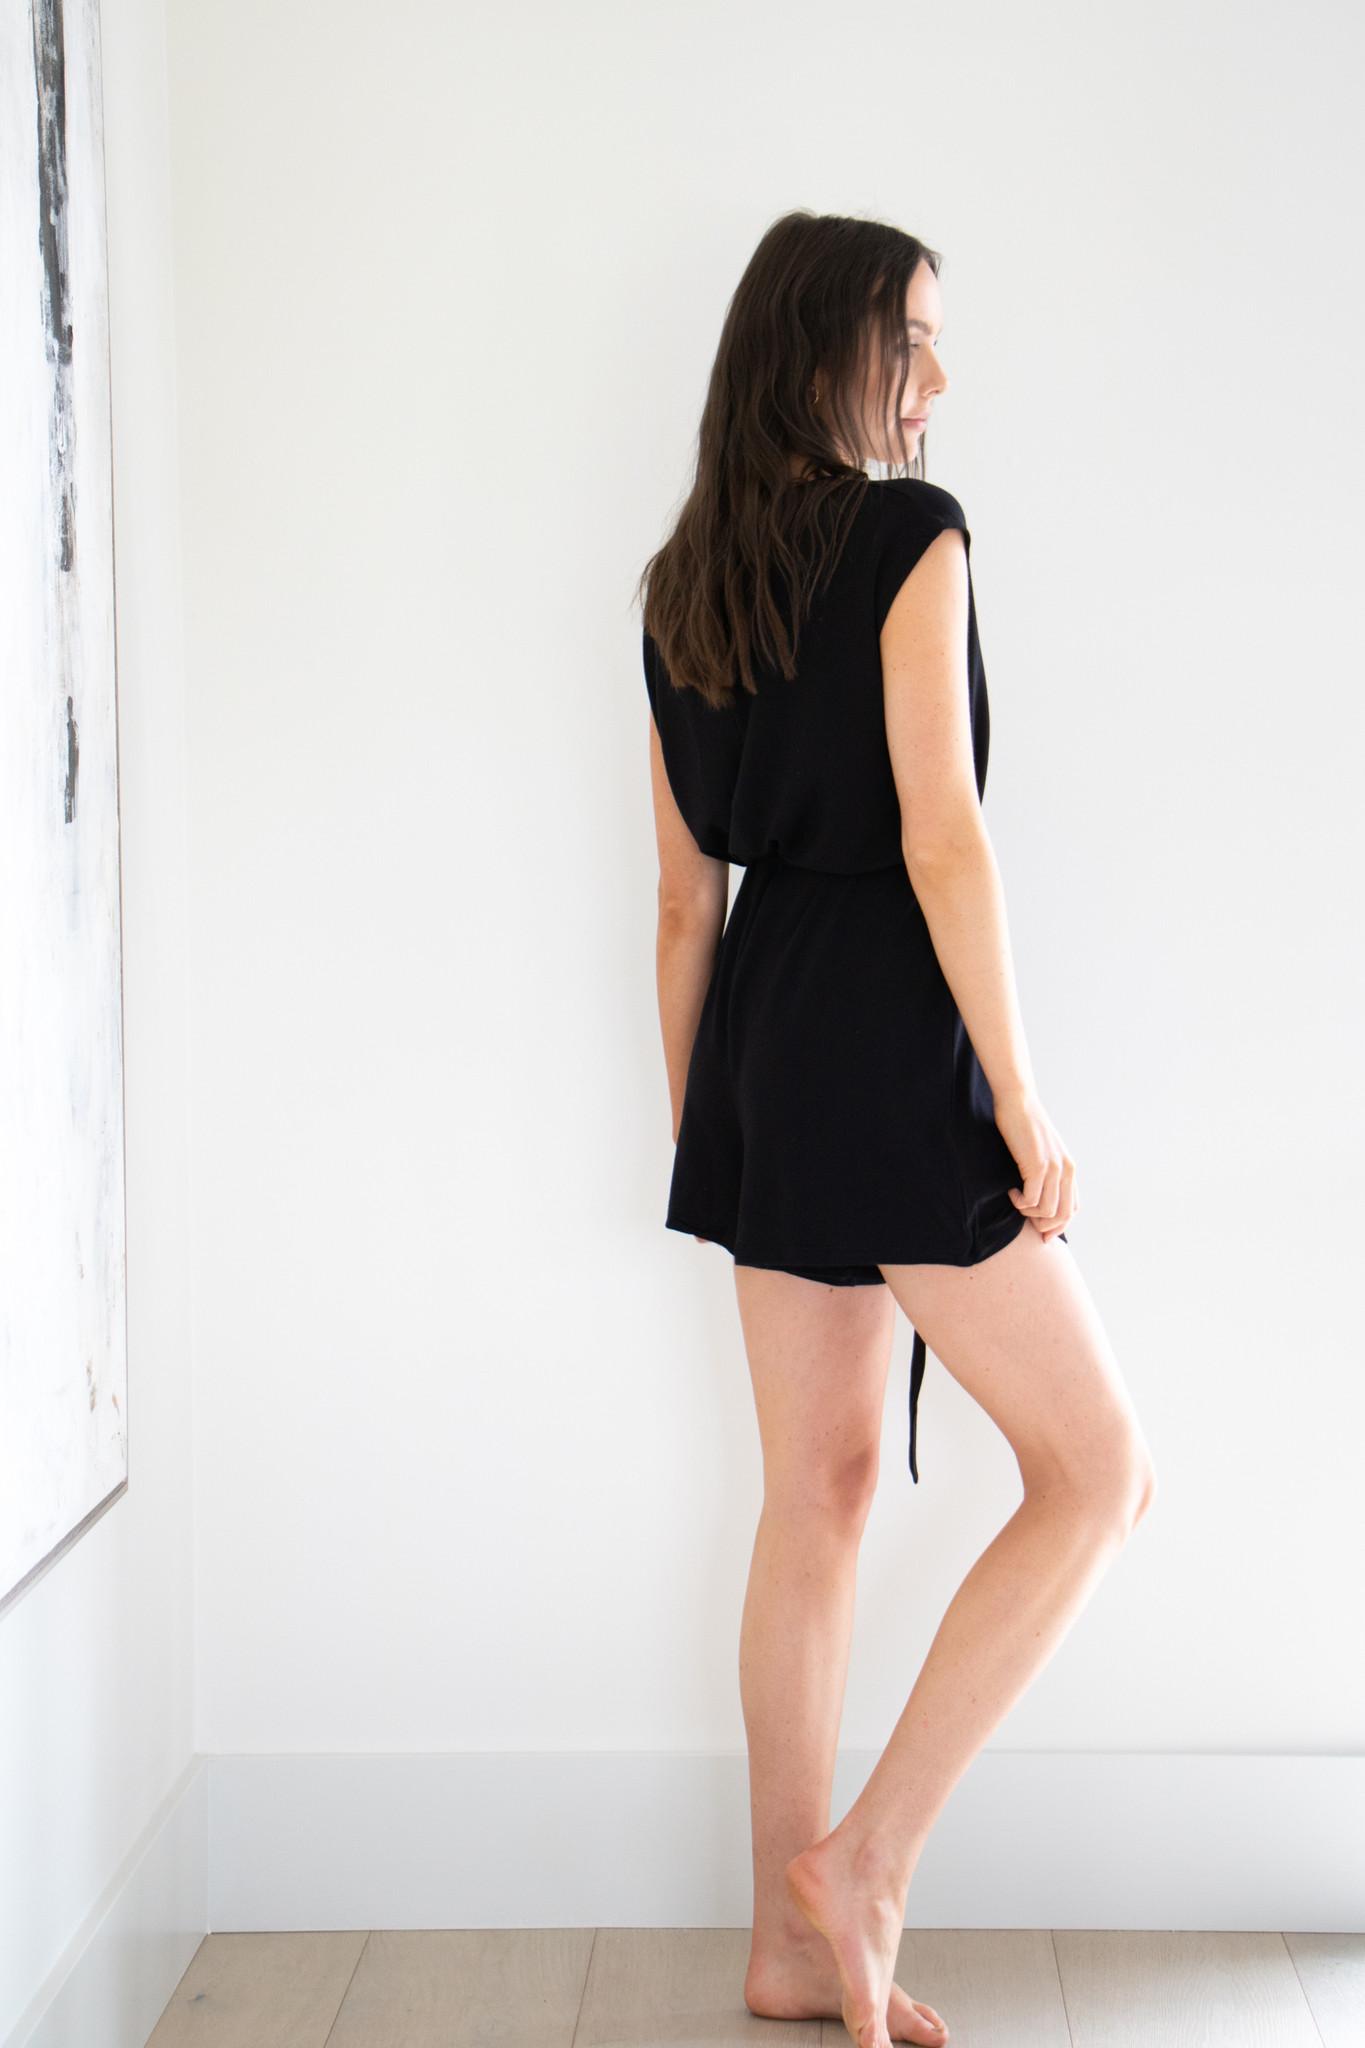 Errand Day Short Romper in Black